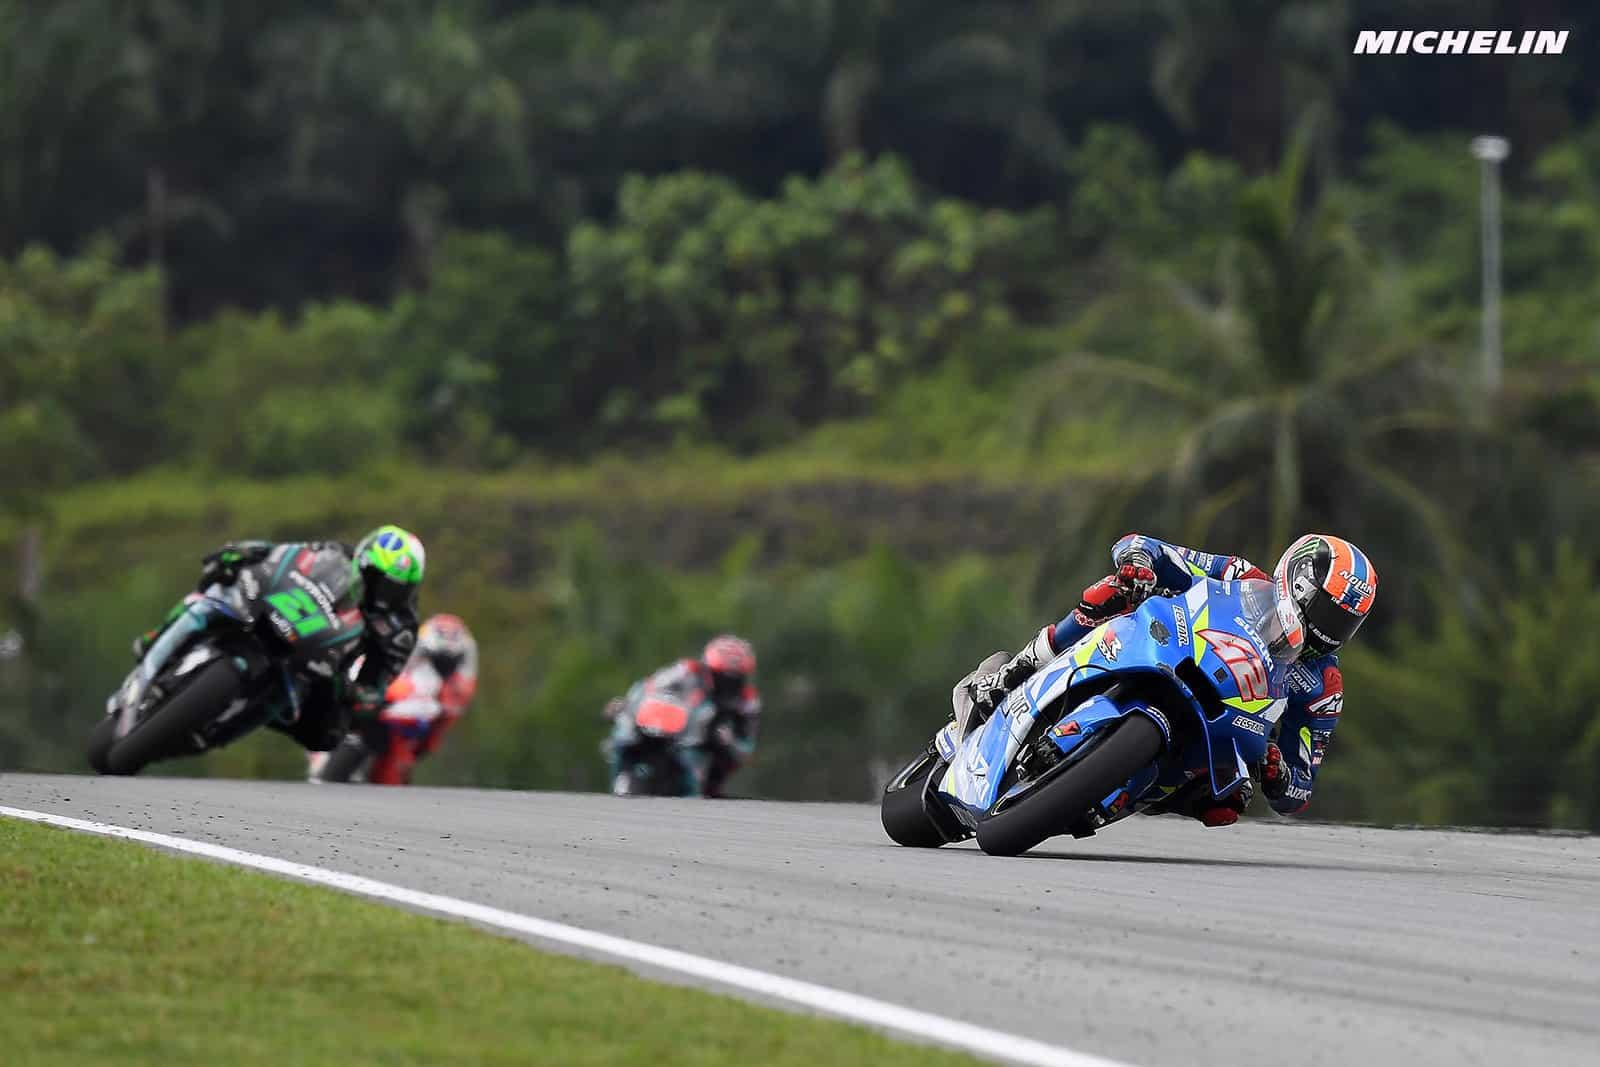 MotoGP2019マレーシアGP 5位リンス「ロッシとドヴィツィオーゾを抜くことが出来なかった」